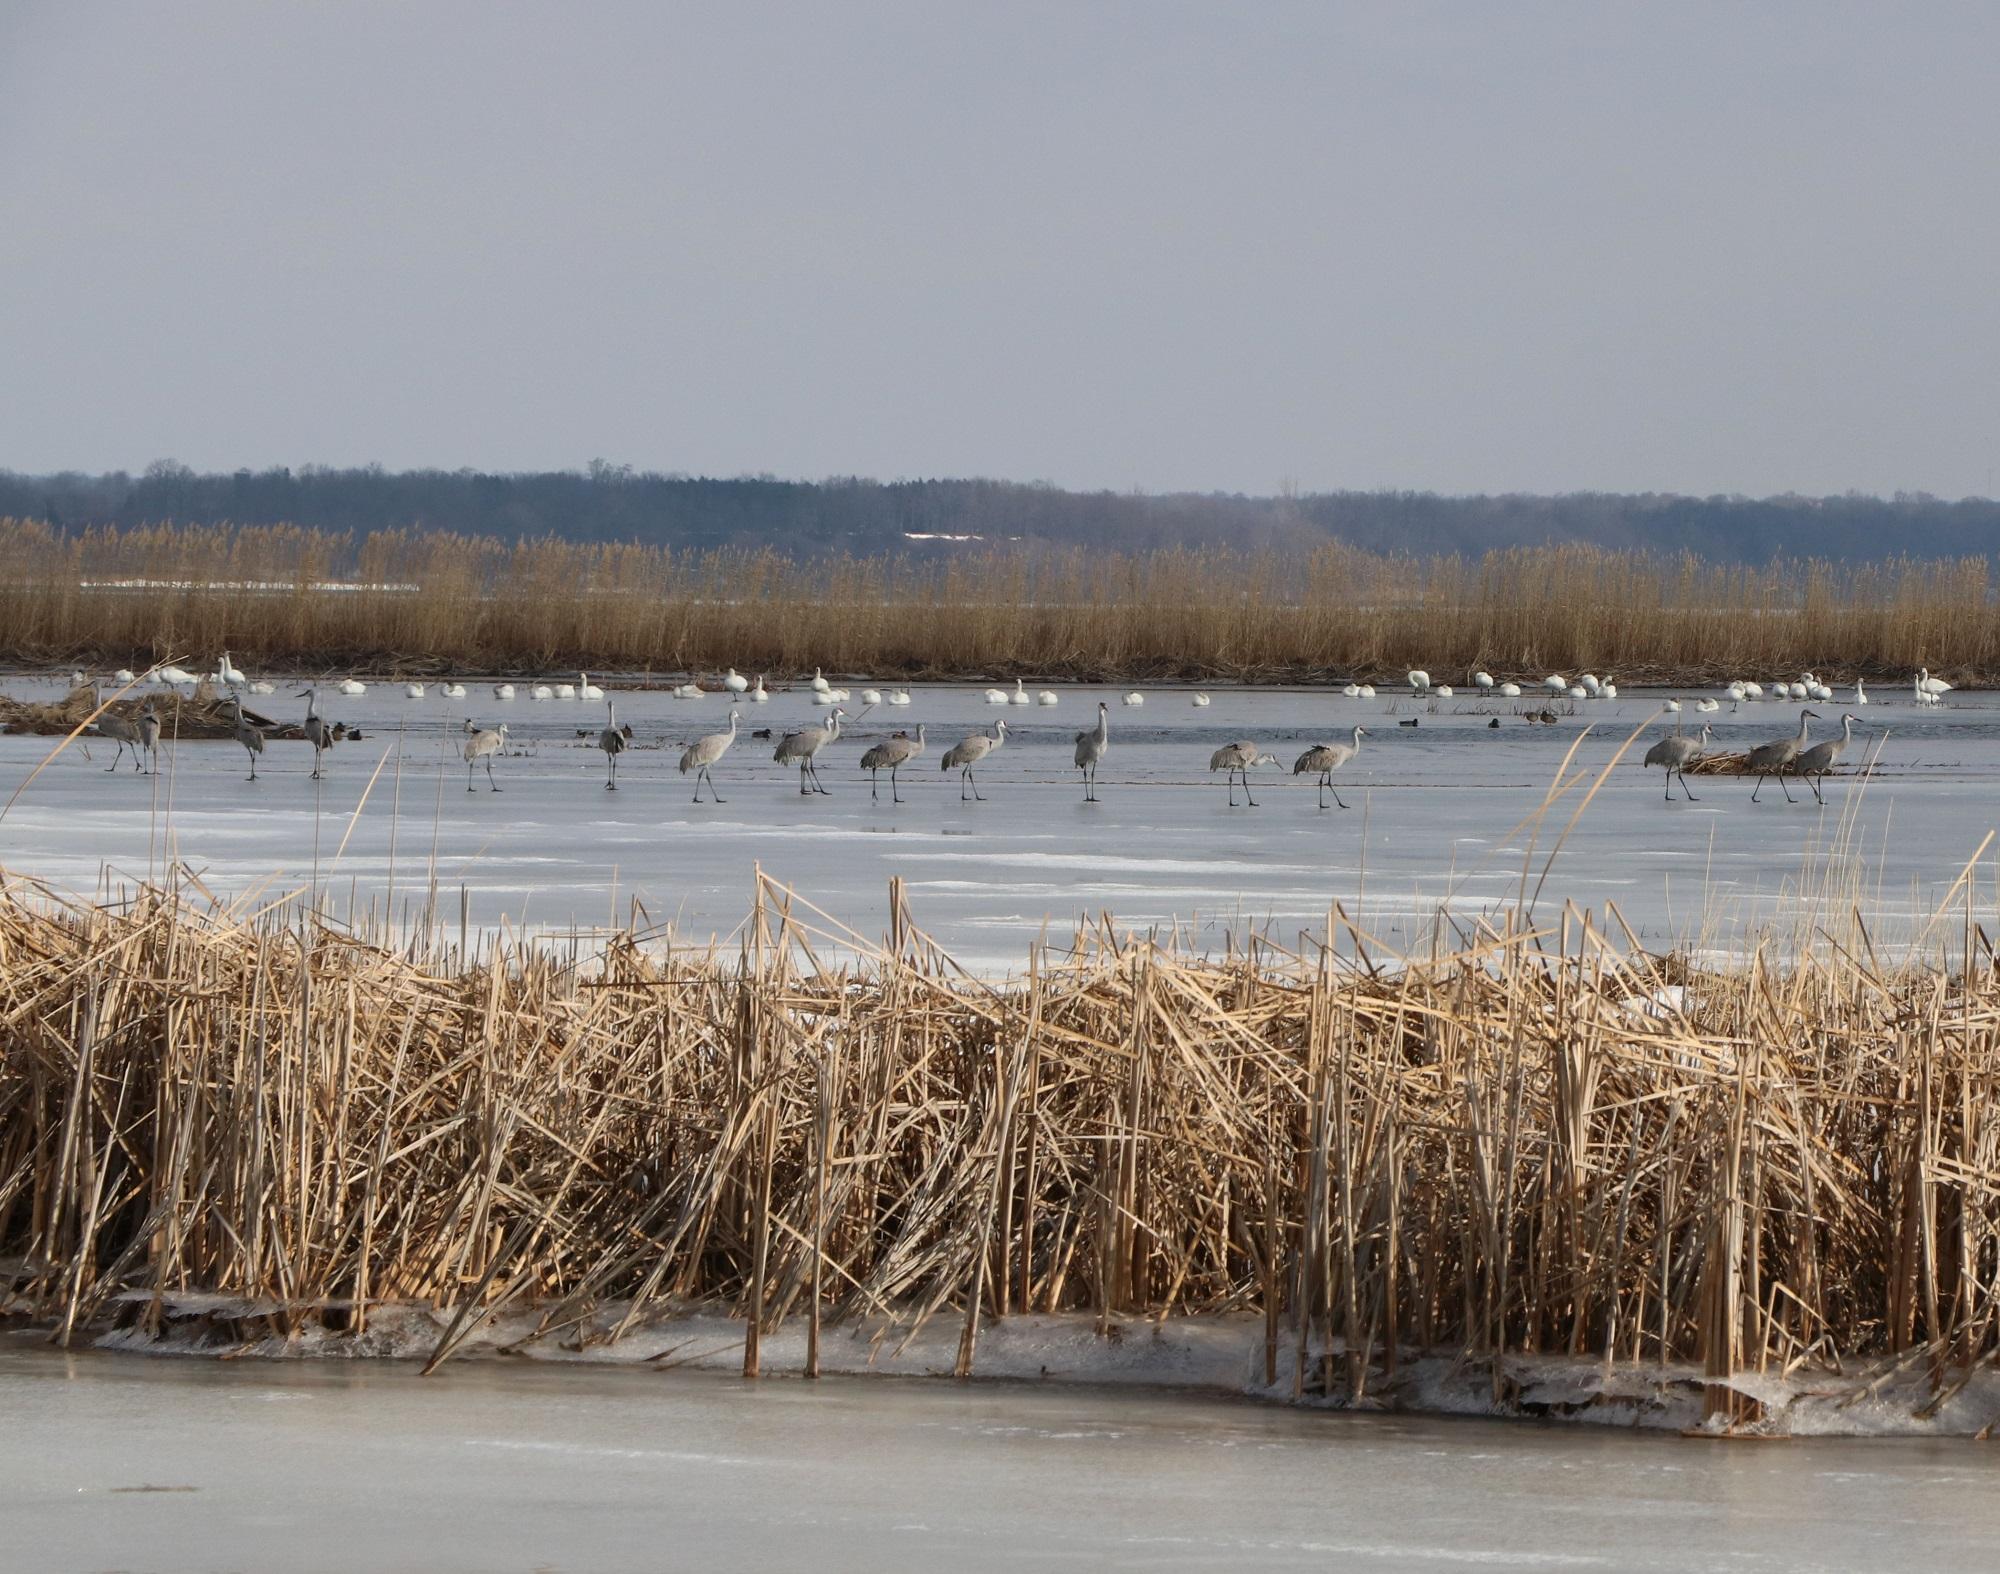 cranes in a marsh